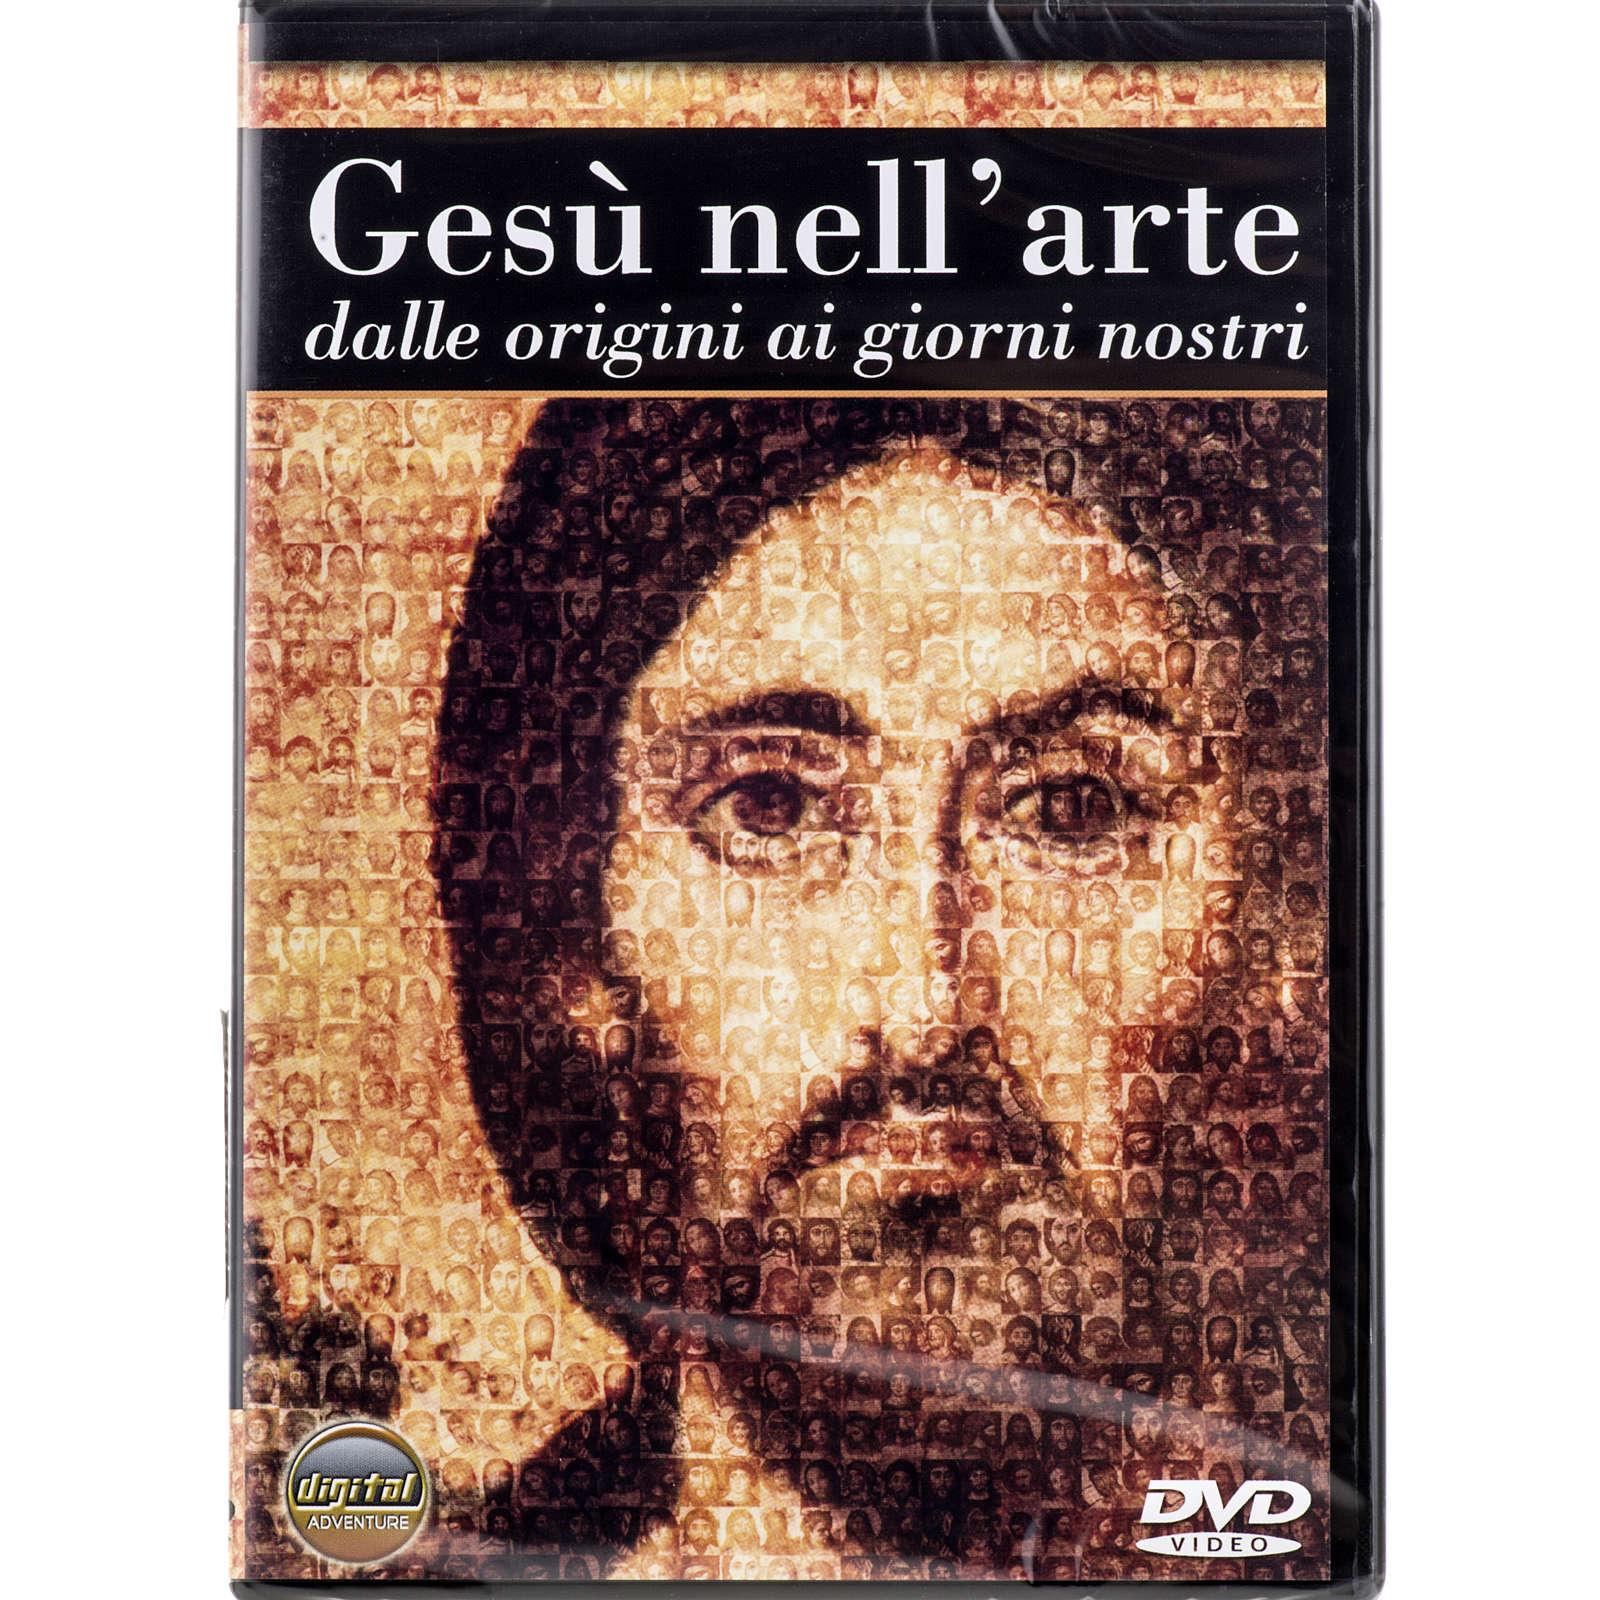 Gesù nell'arte dalle origini ai giorni nostri 3